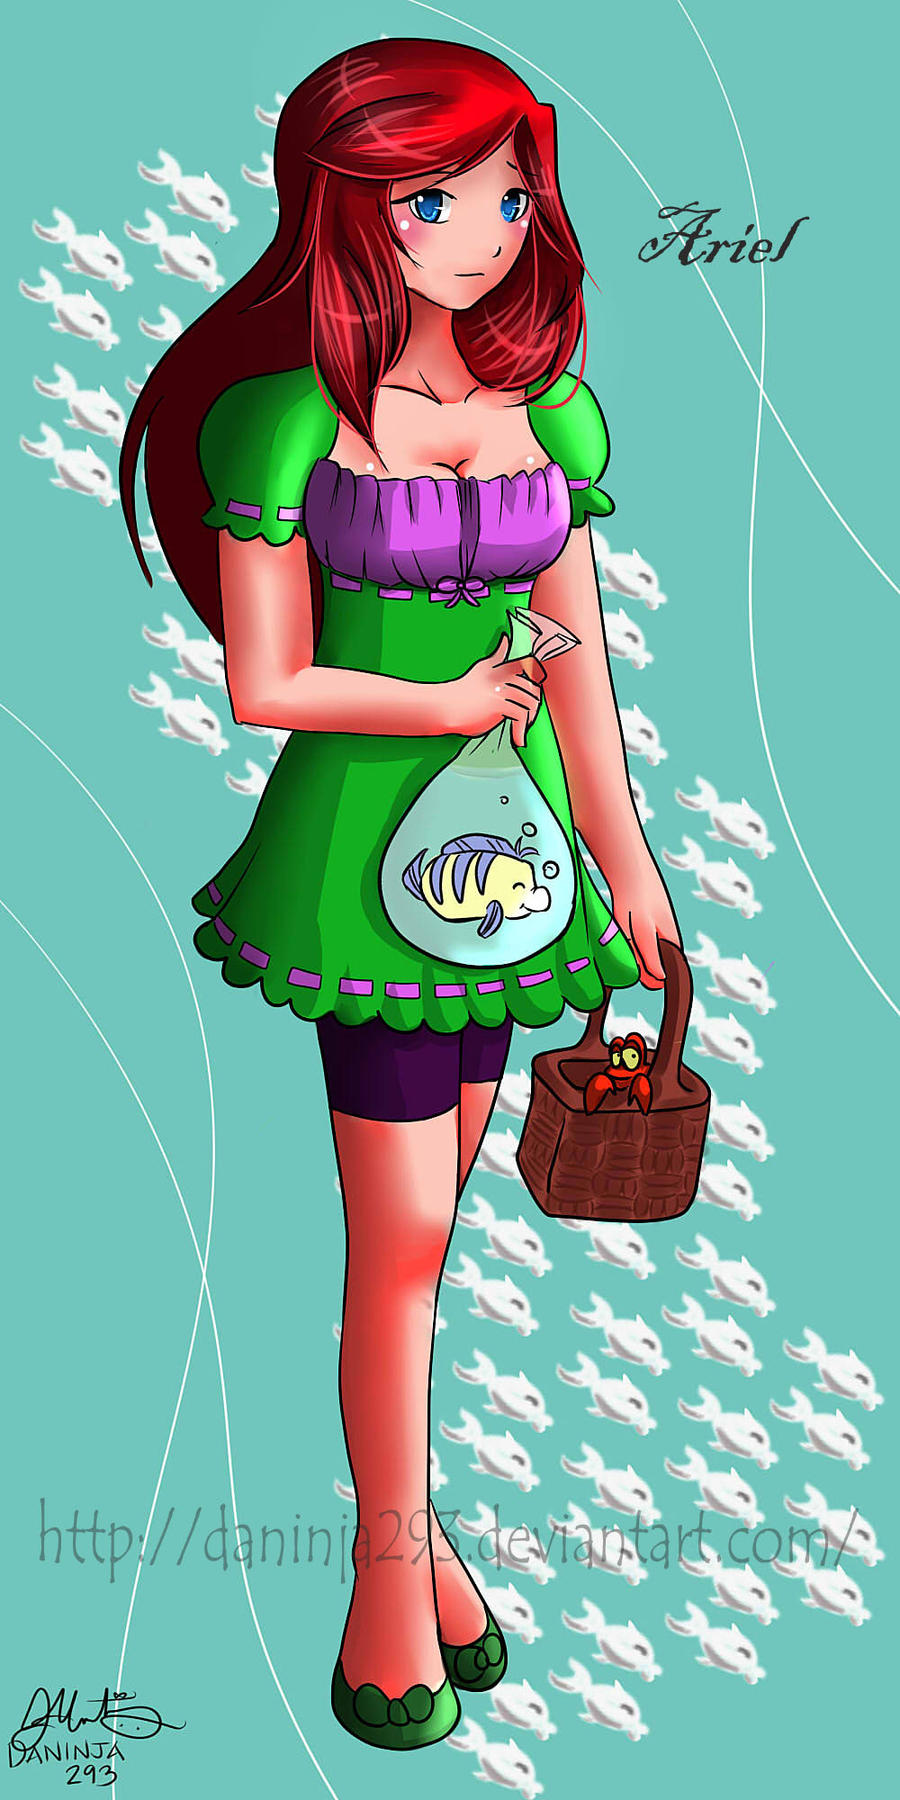 Ariel by daninja293